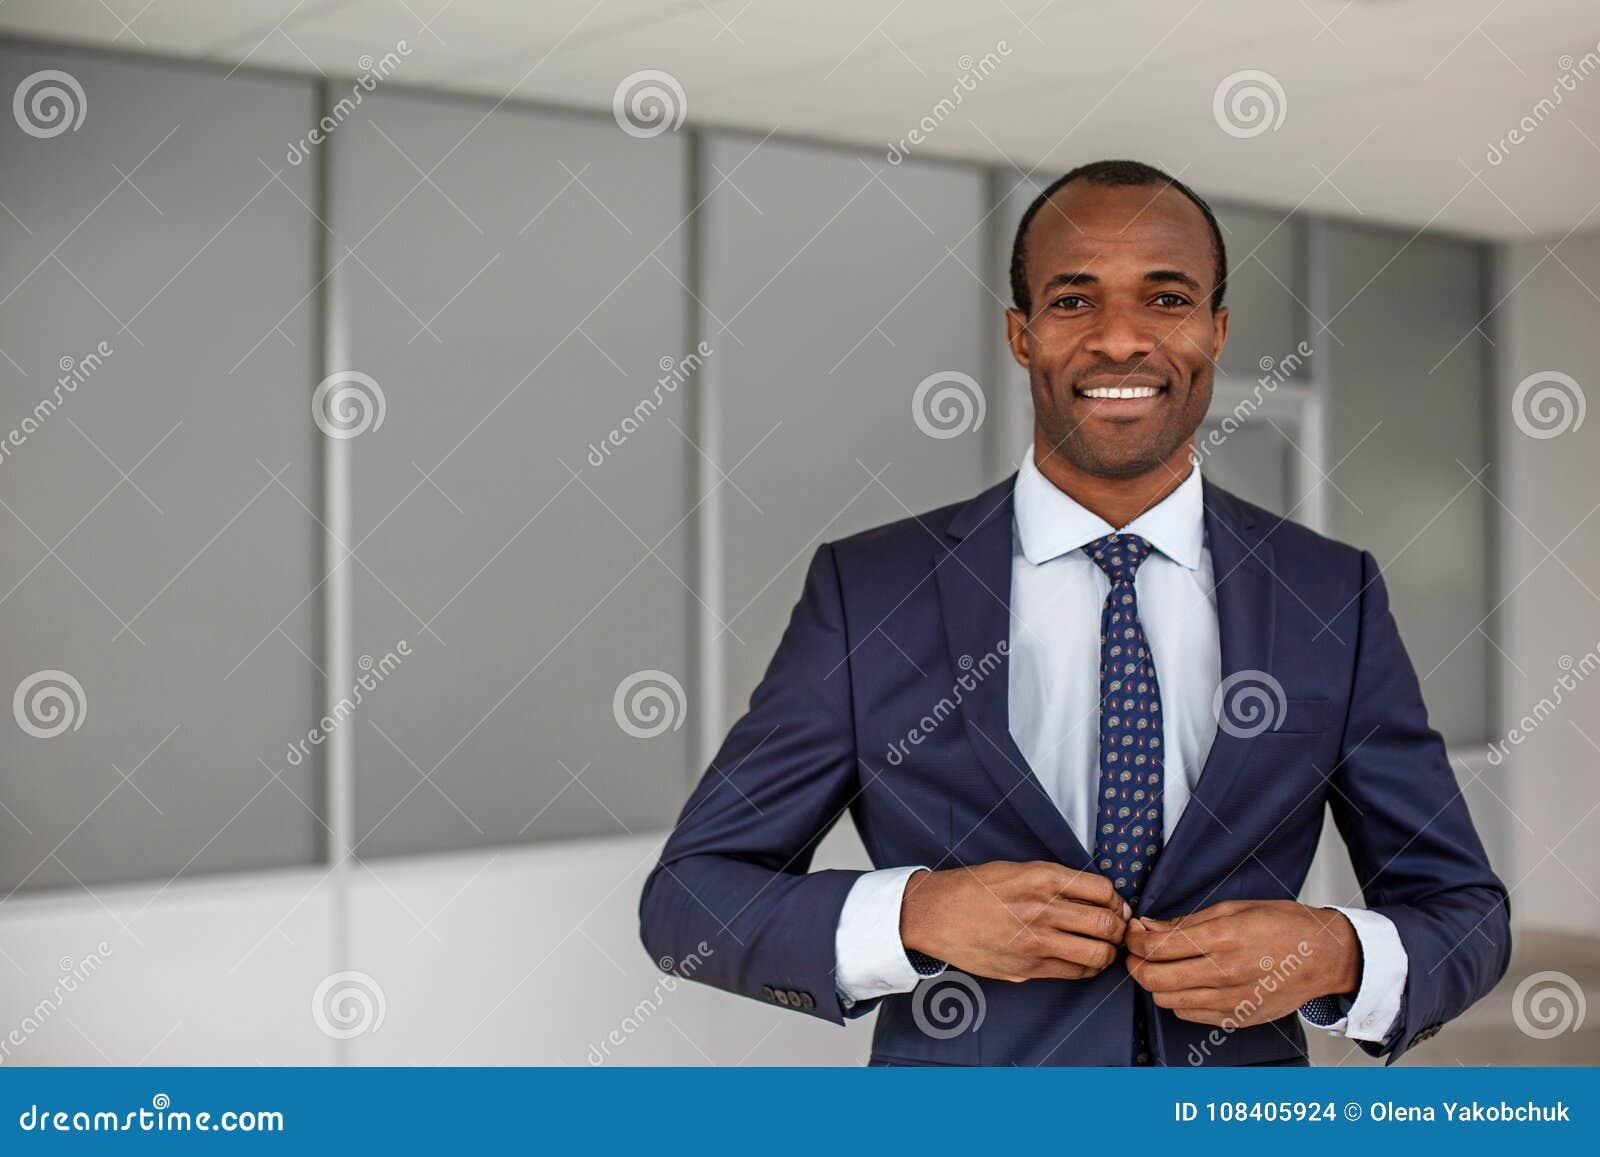 Eleganter Mann drückt Freude bei der Arbeit aus